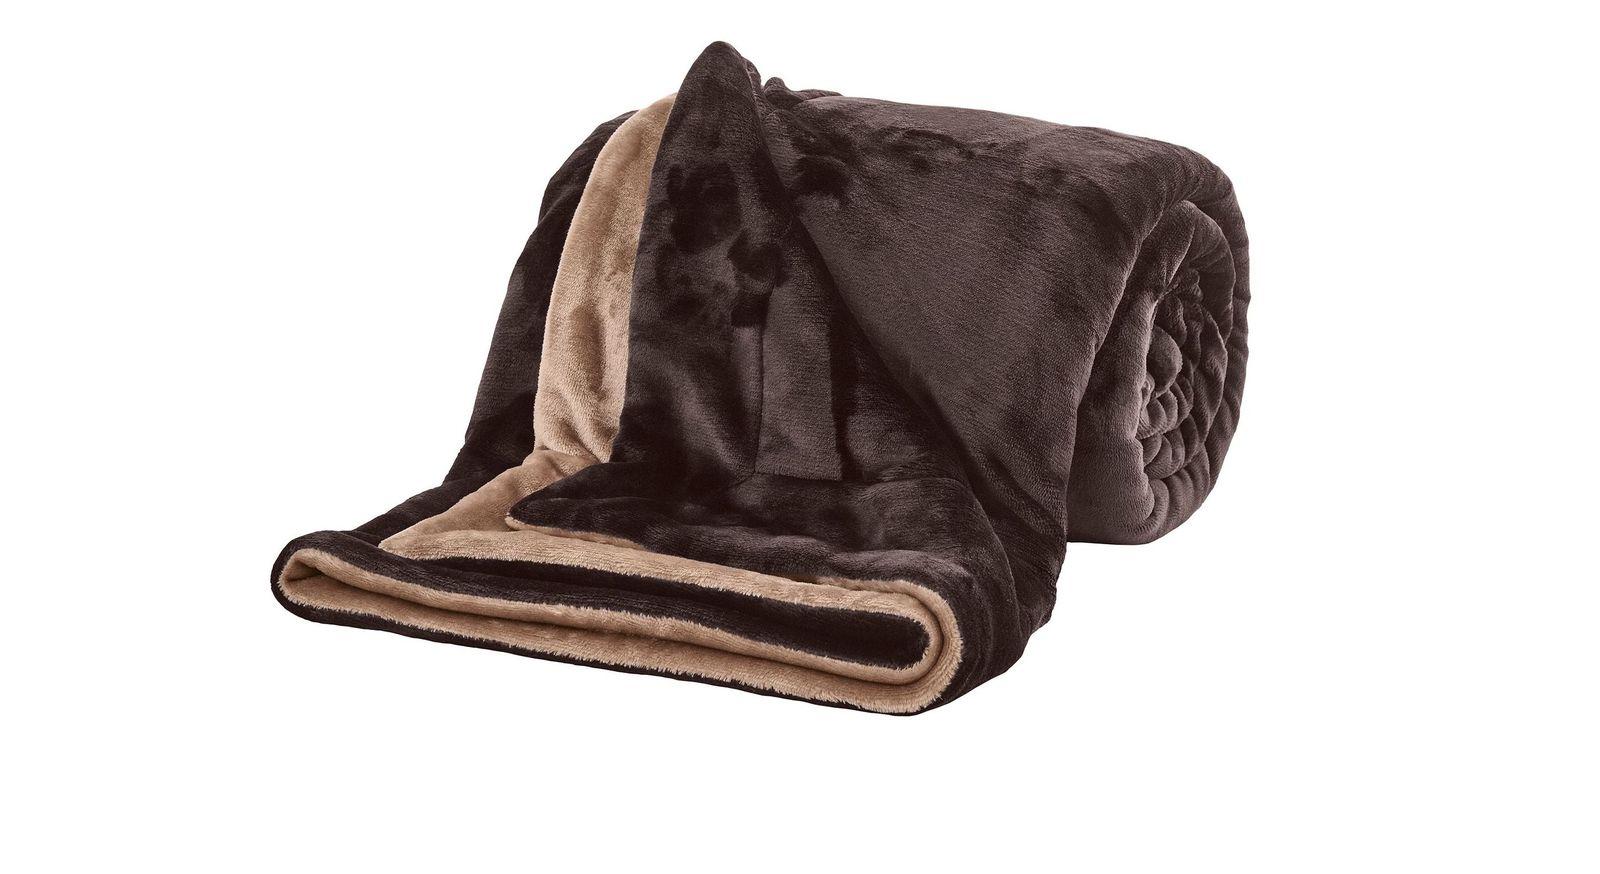 Flauschige Kuscheldecke Cosy-Soft in Braun